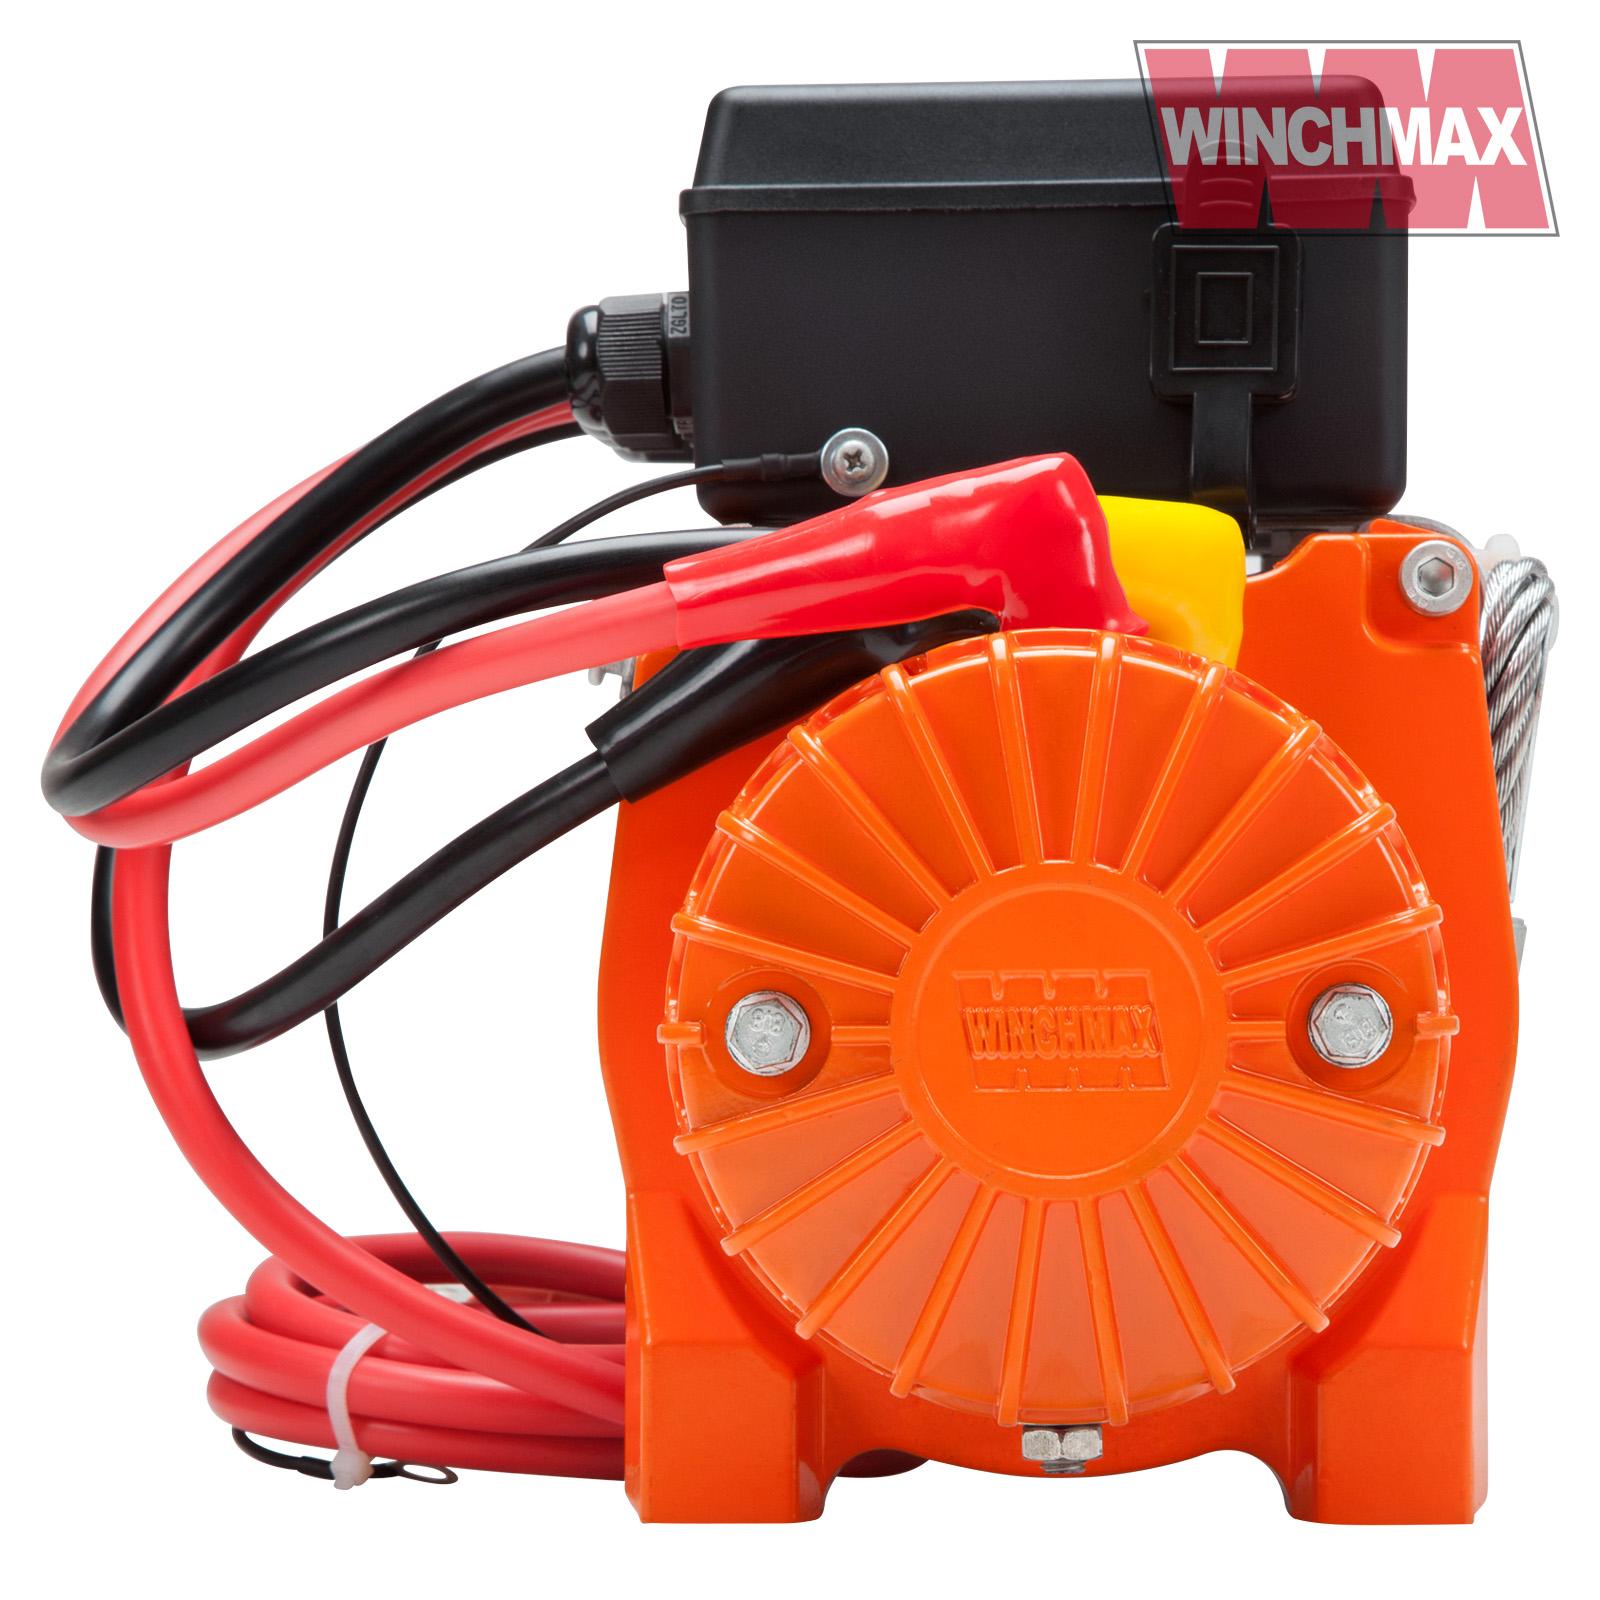 Wm1350024vr winchmax 08